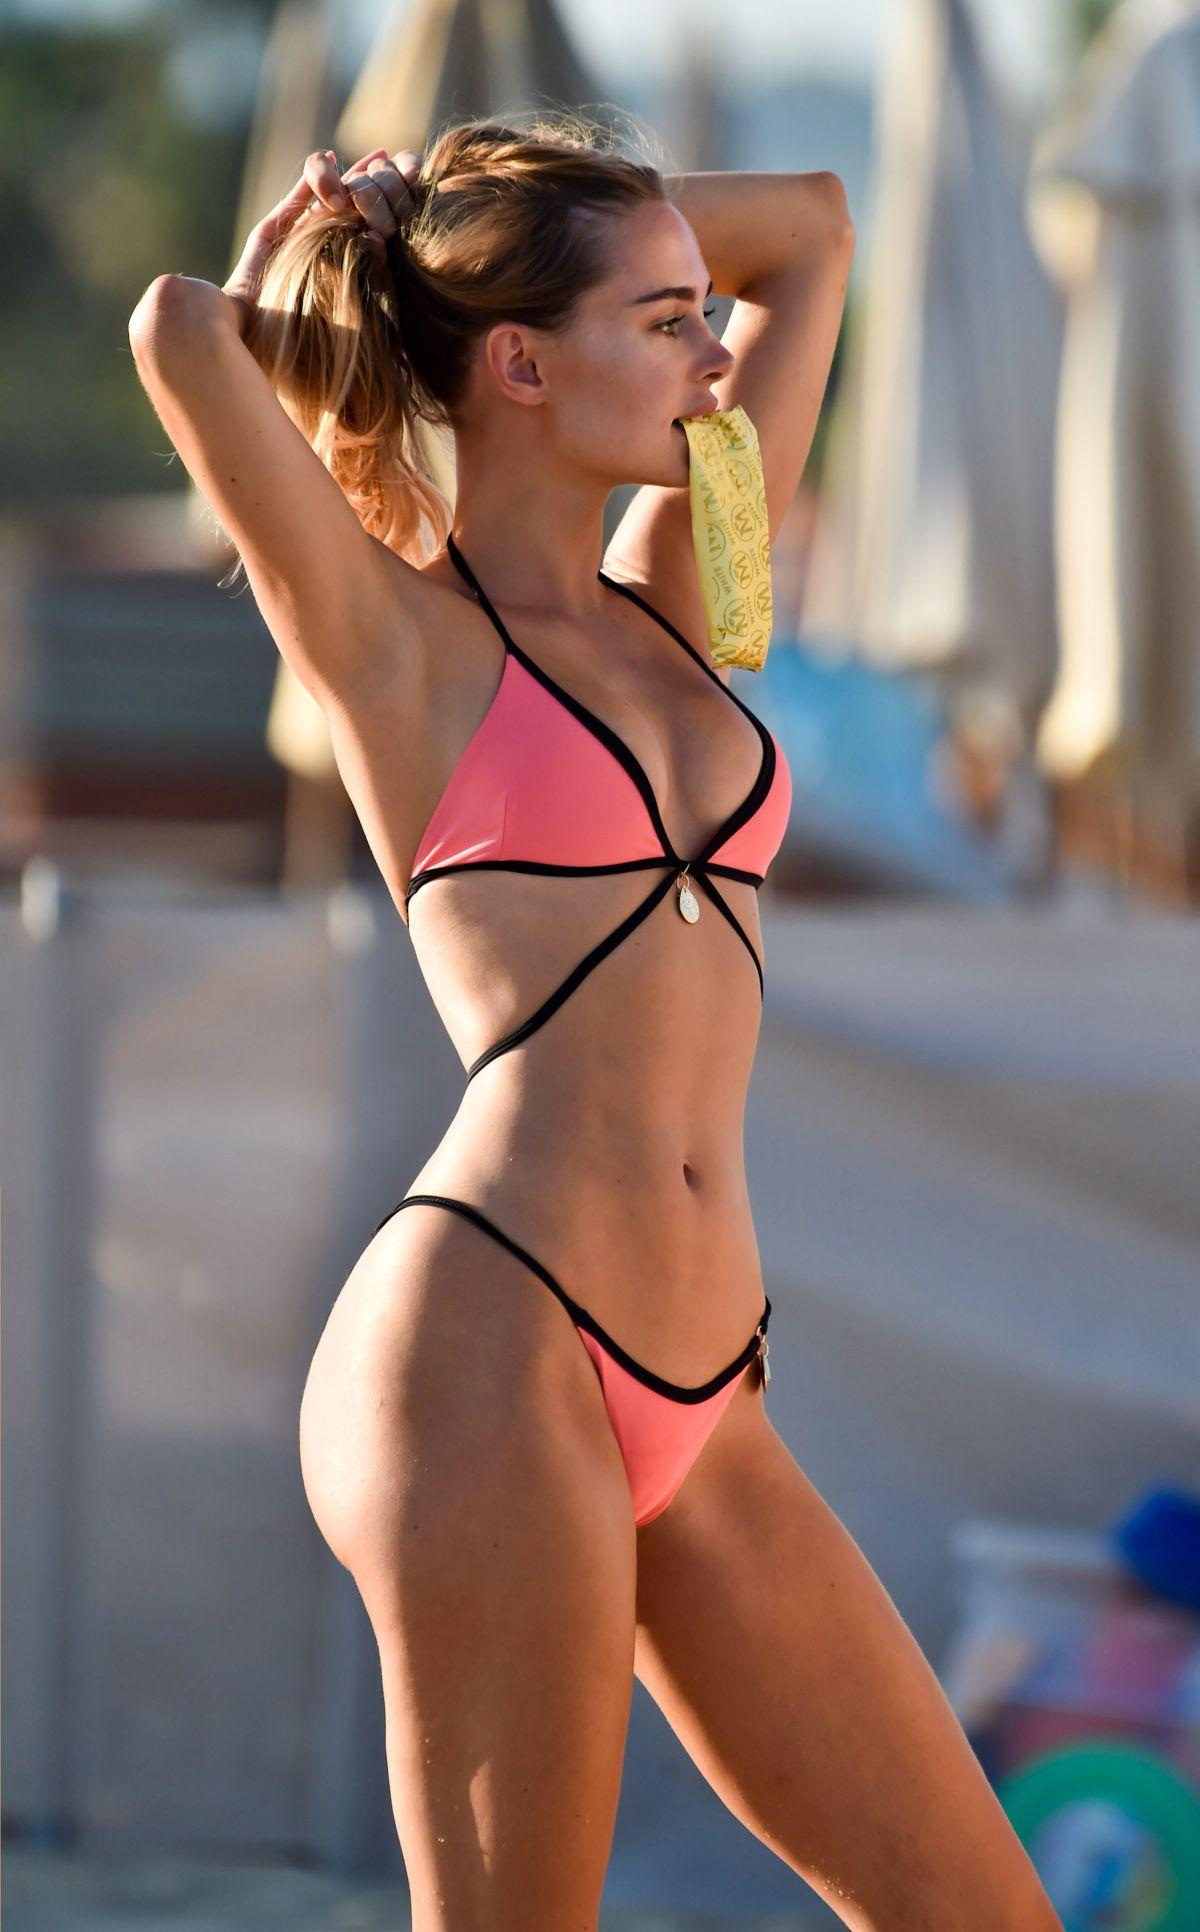 Cô gái gây sốt vì màn tung váy khoe vòng 3 tuyệt mỹ trên phố đã làm gì để giữ body đẹp? - hình ảnh 2